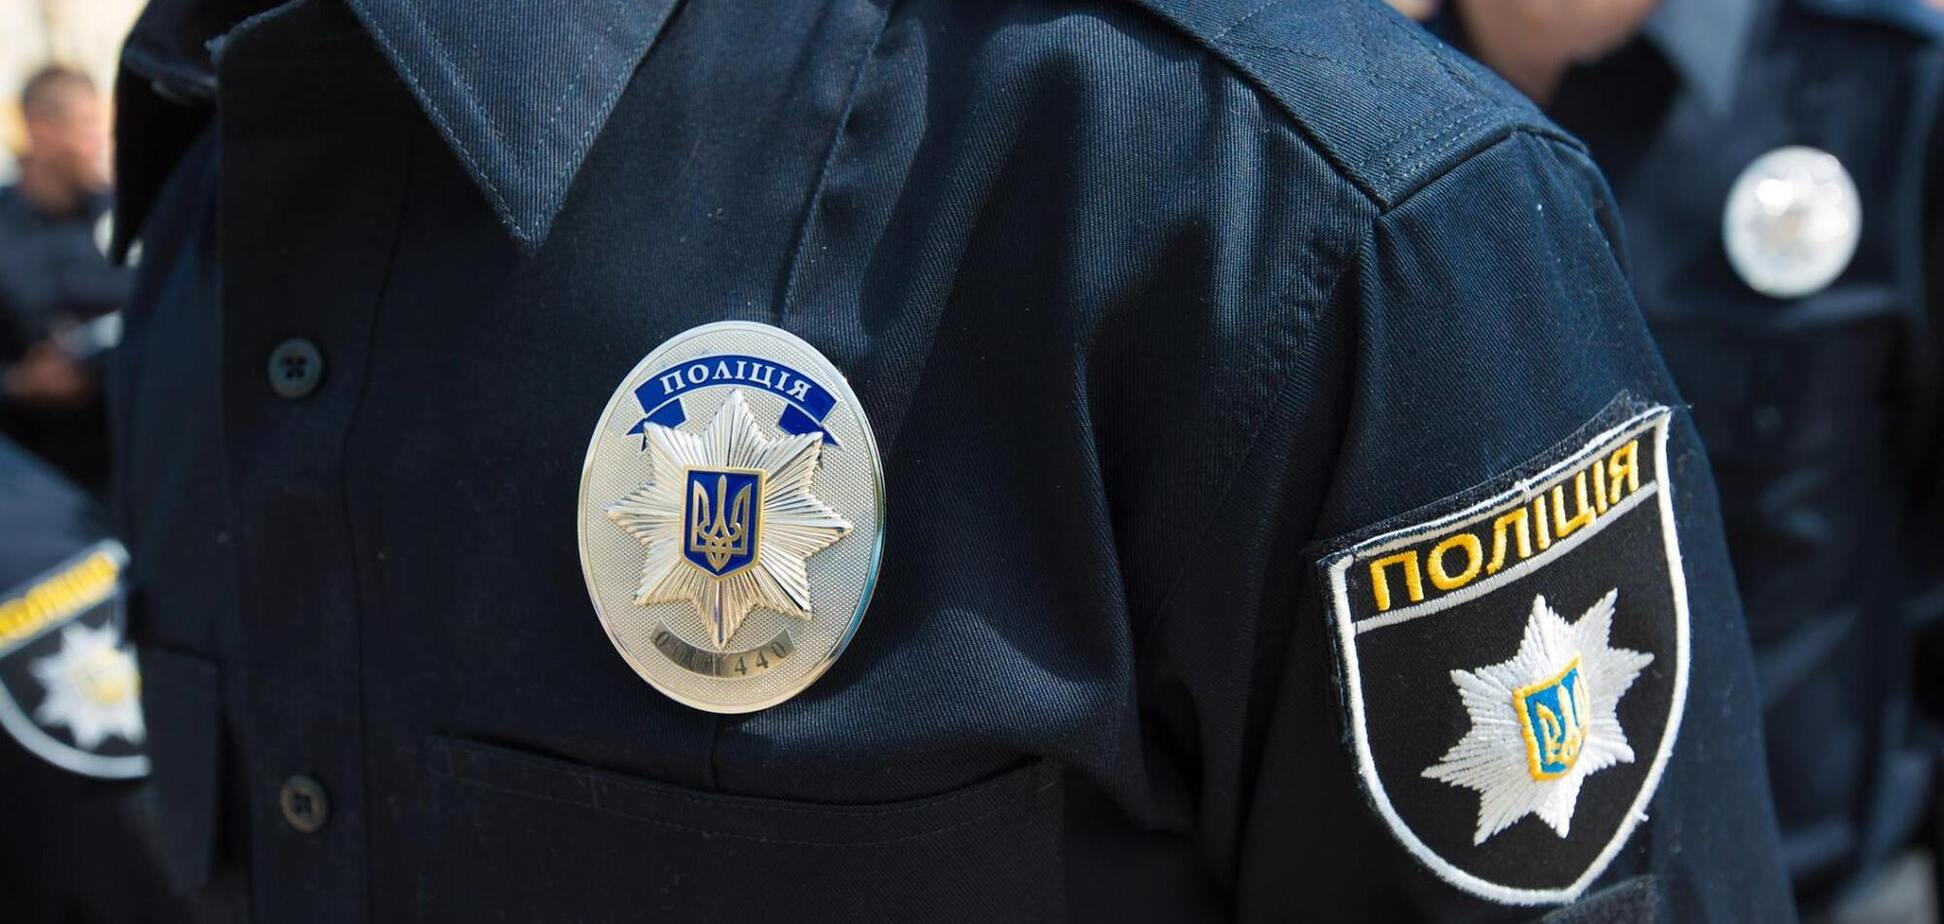 Полиция рассказала подробности конфликта в ресторане Харькова